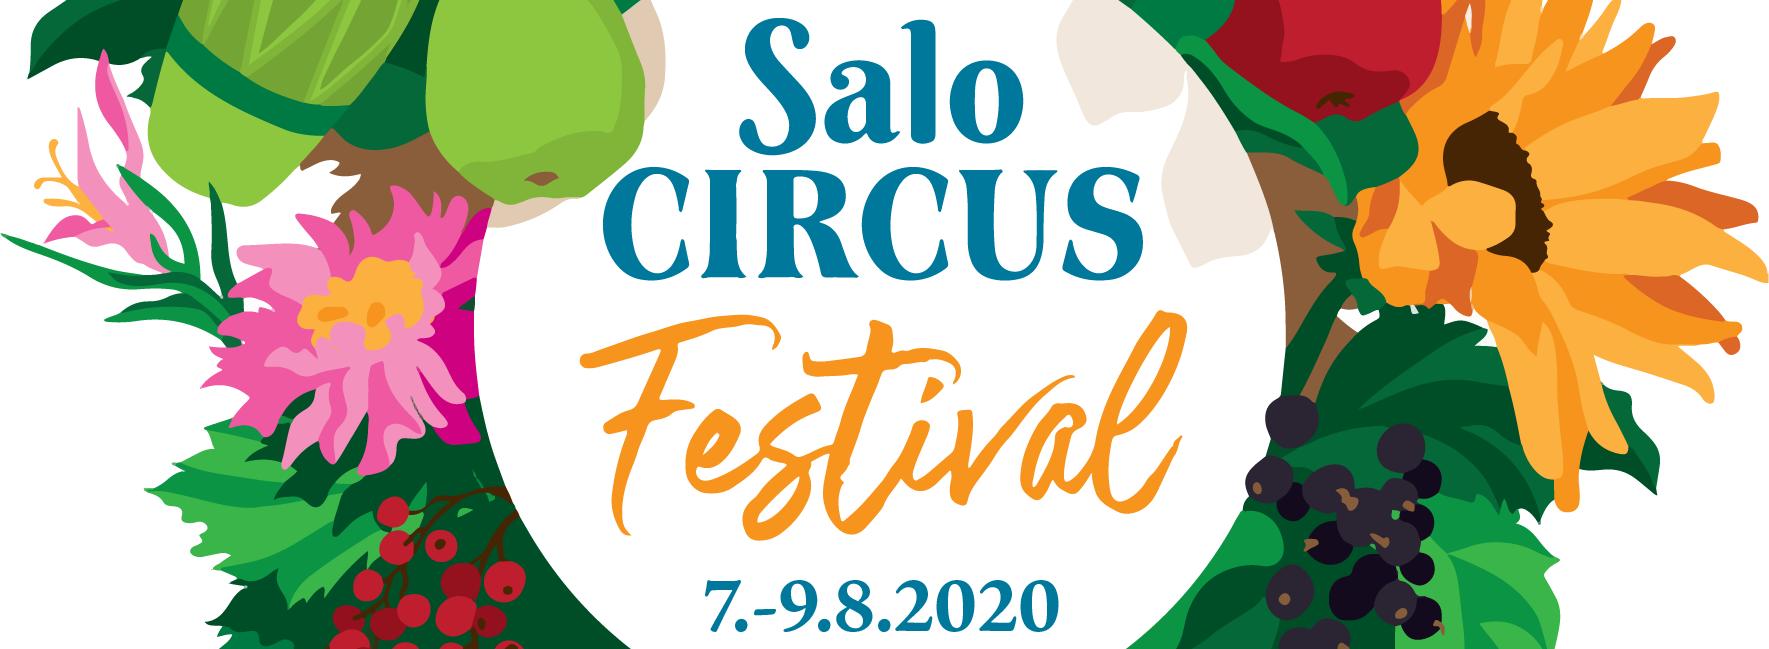 Salo Circus